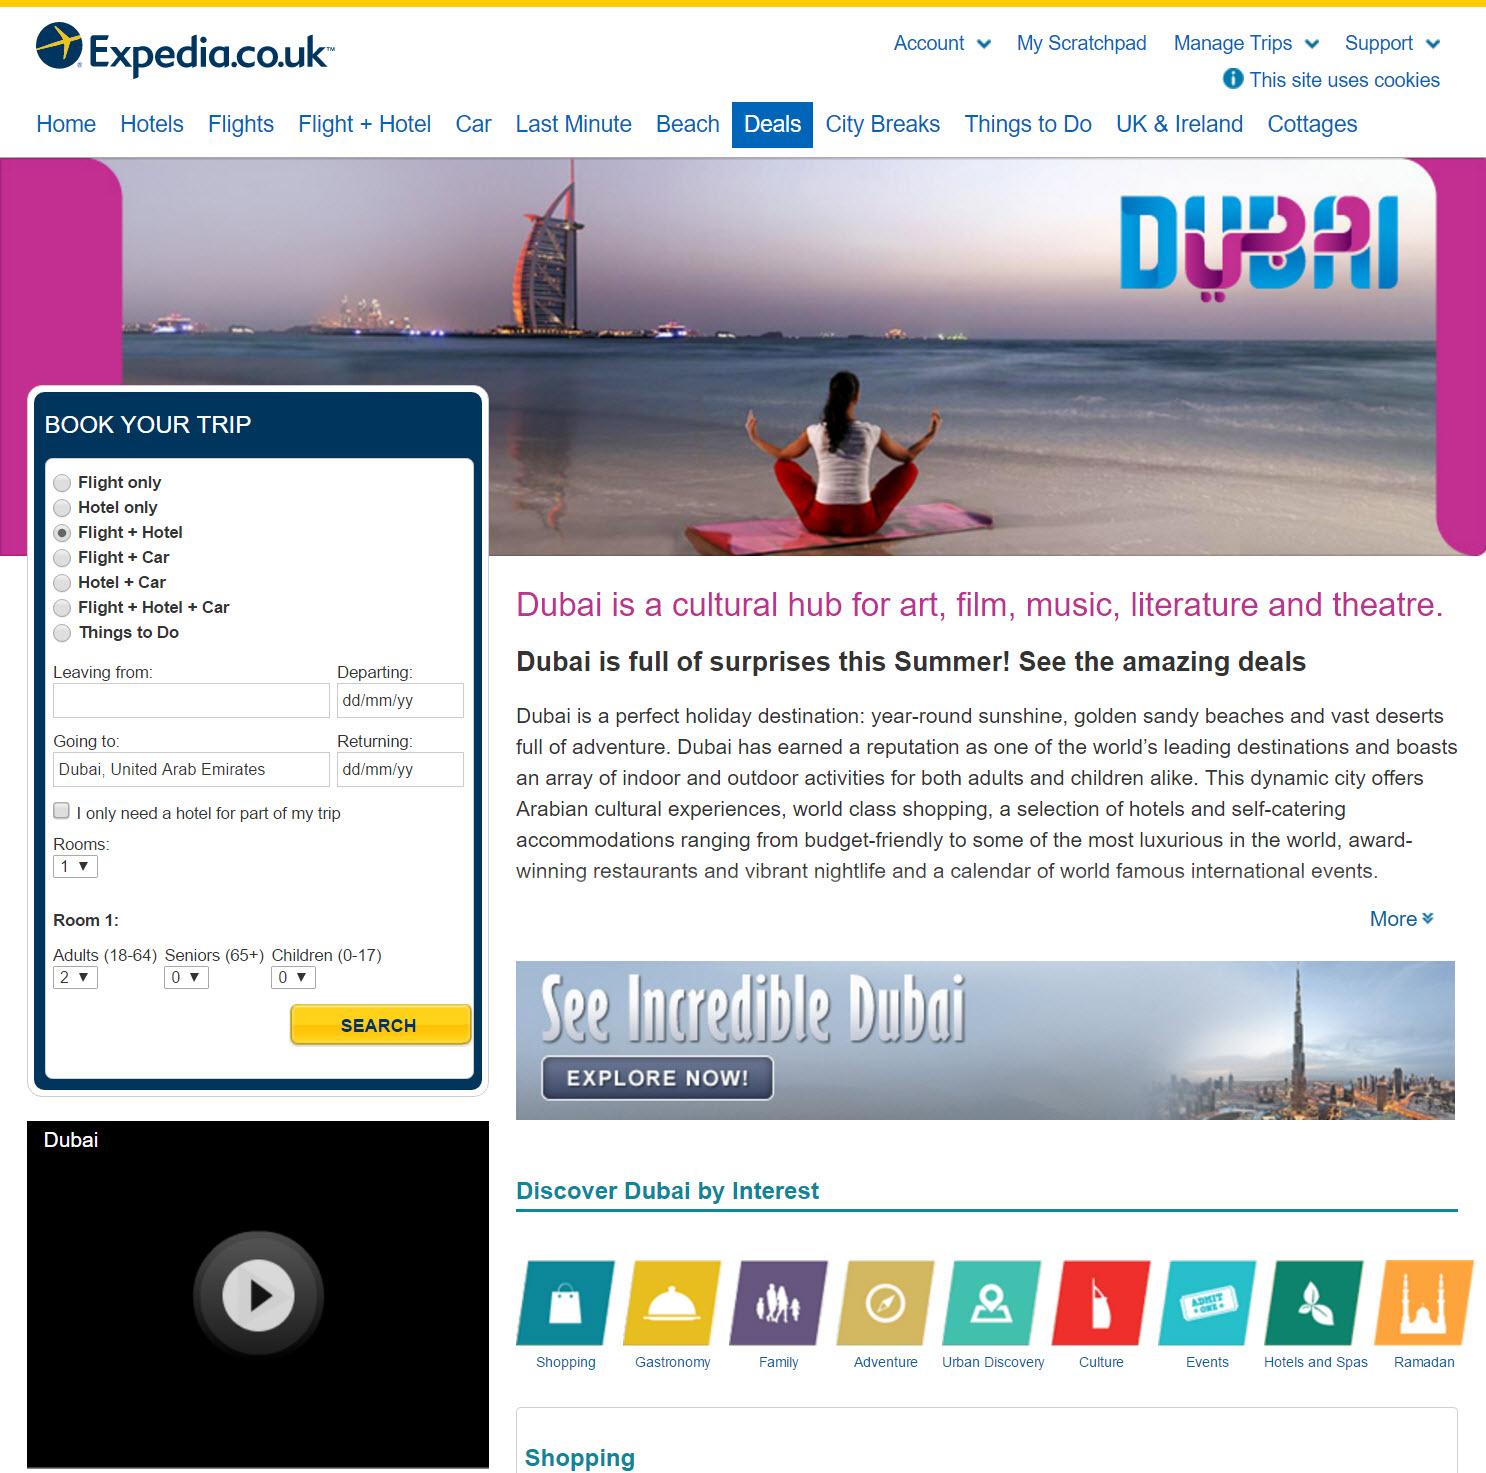 Expedia.co.uk_Dubai_Emirates_Landing_Page.jpg